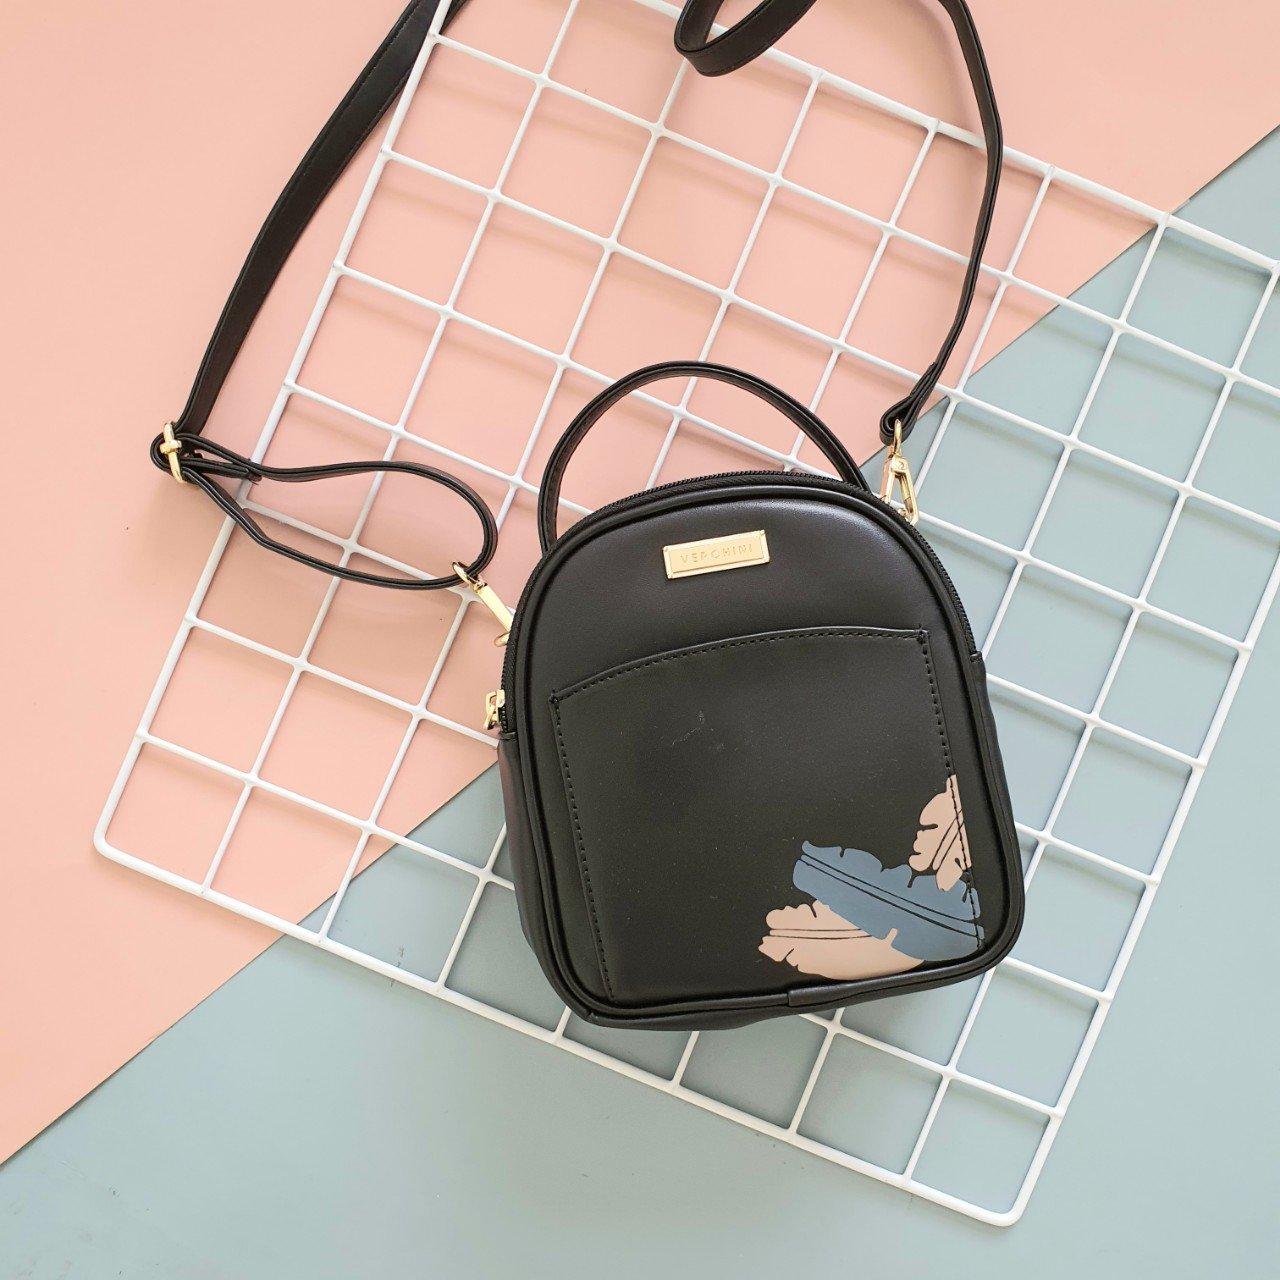 Túi xách thời trang Verchini 1 quai dây kéo vòng